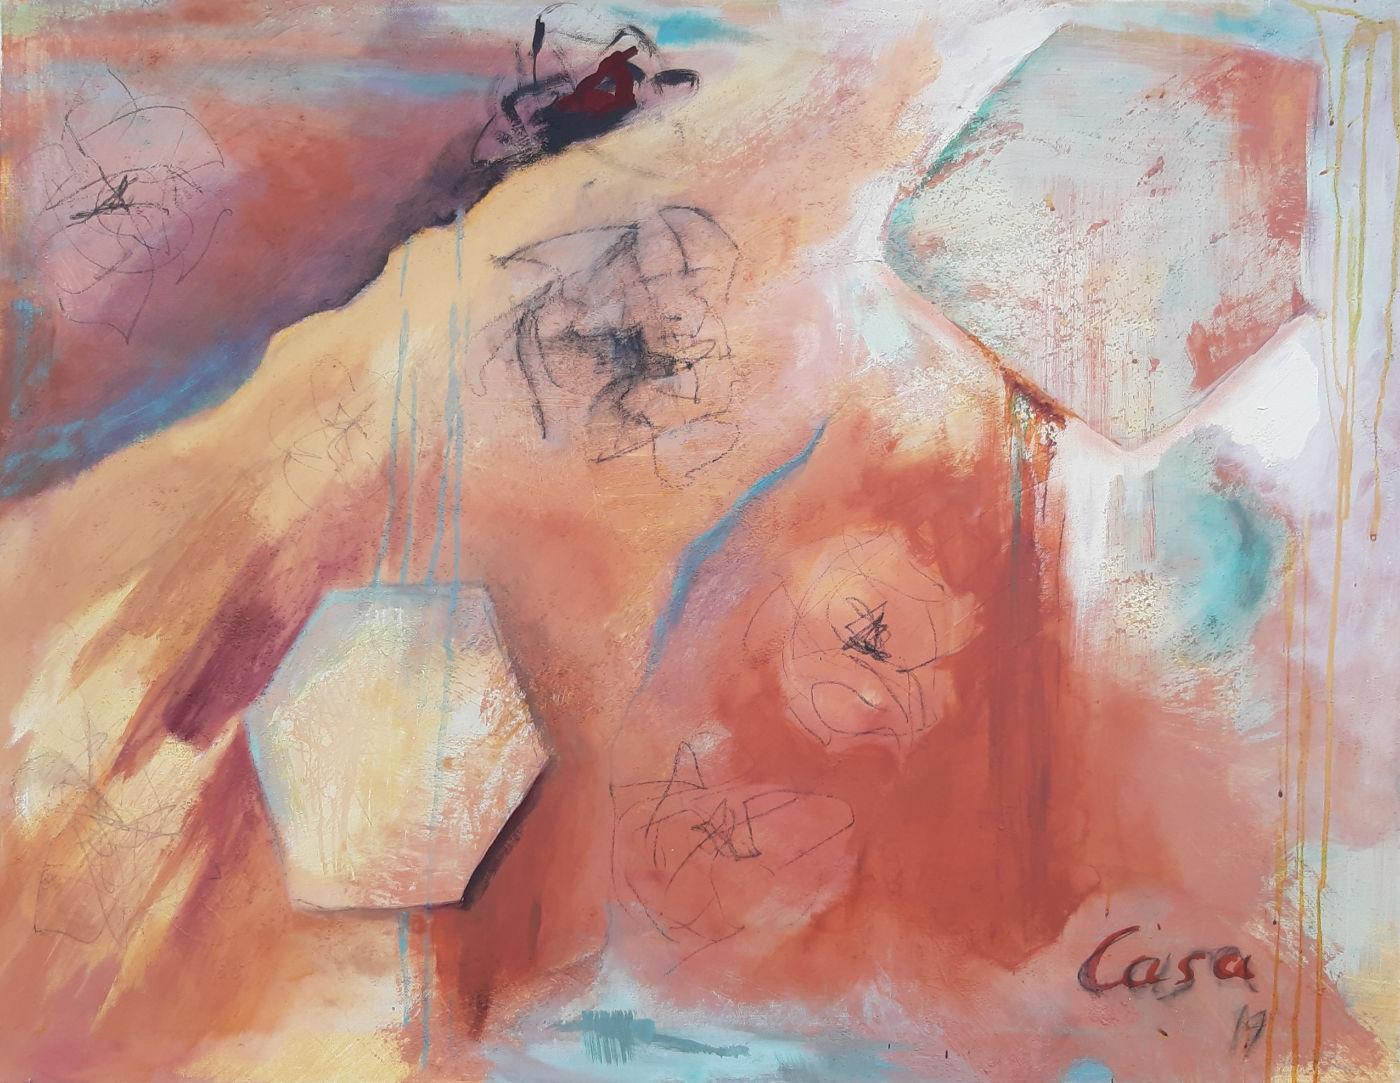 Sternentfernung - Acryl, mixed media auf Leinwand, 70 x 90 cm